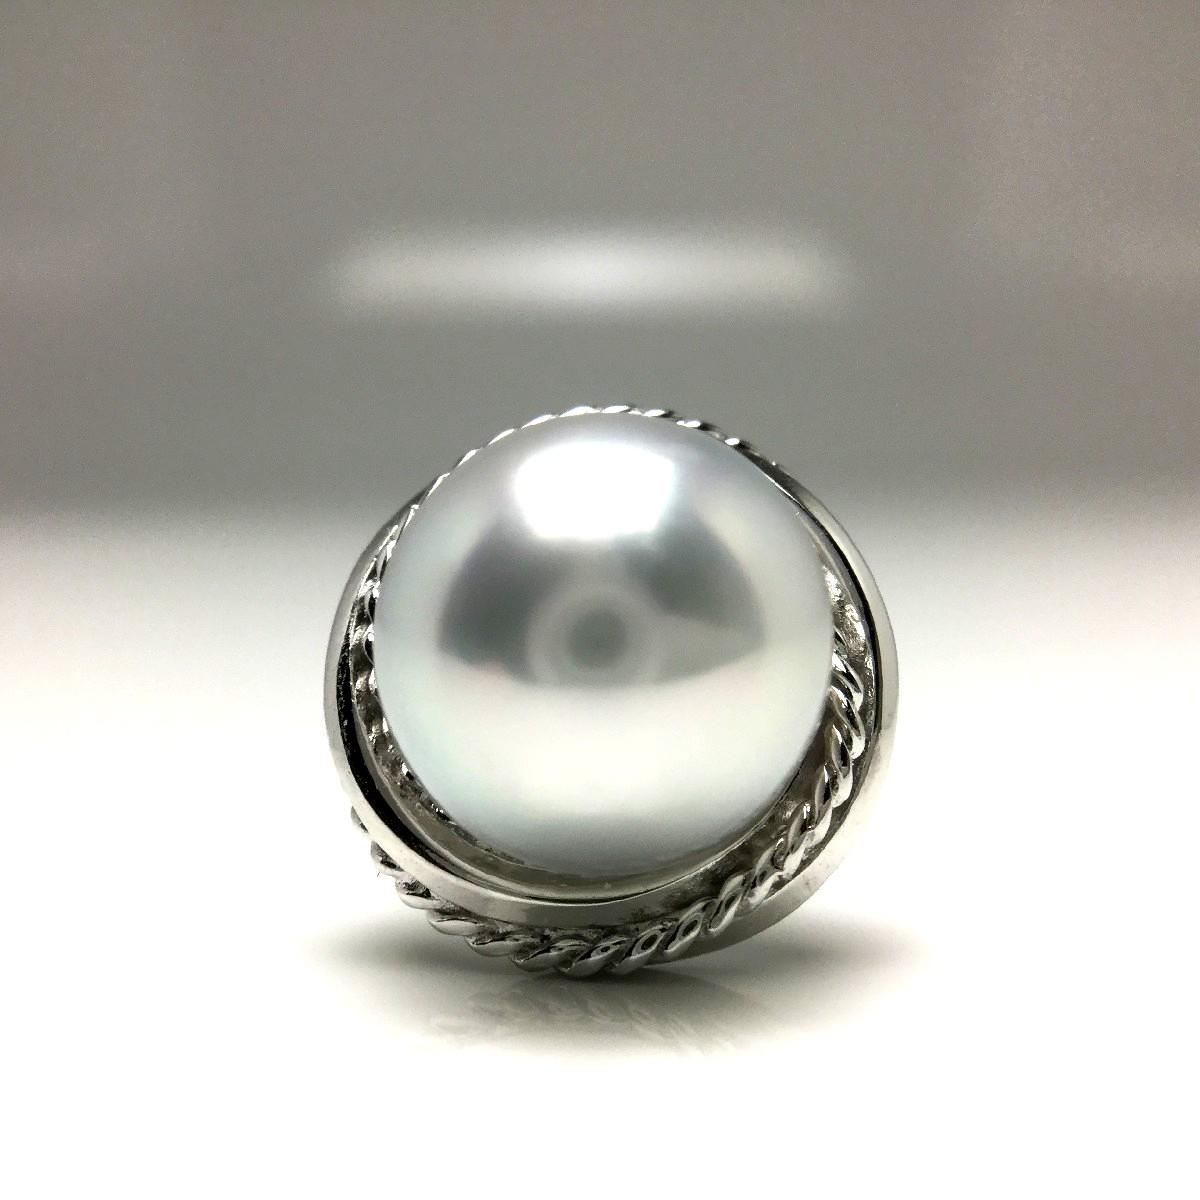 真珠 ネクタイピン パール アコヤ真珠 9.07mm ホワイトシルバーブルー(ナチュラル) シルバー 65834 イソワパール